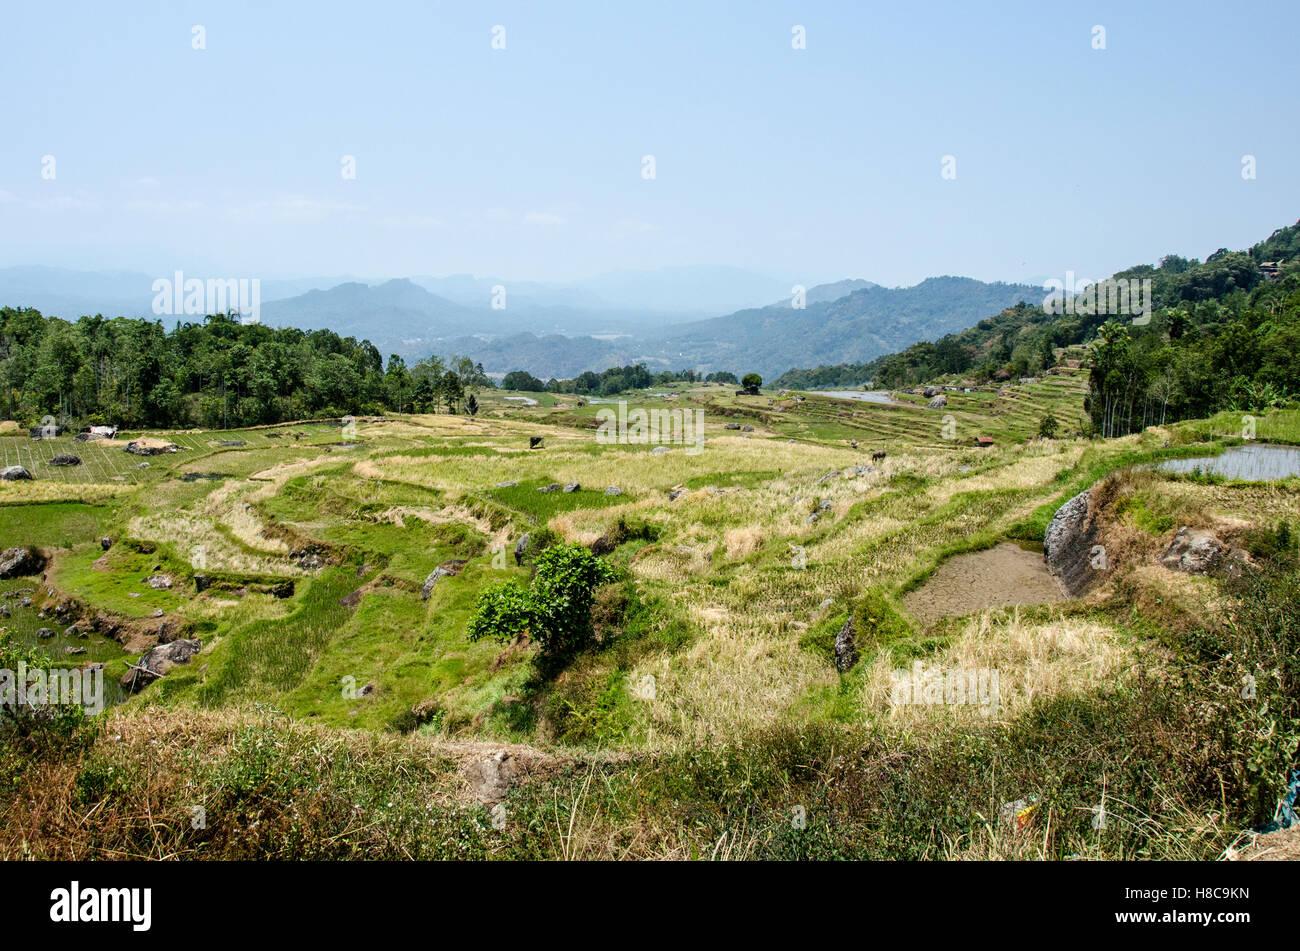 Landscape of Batutumonga, South Sulawesi - Stock Image